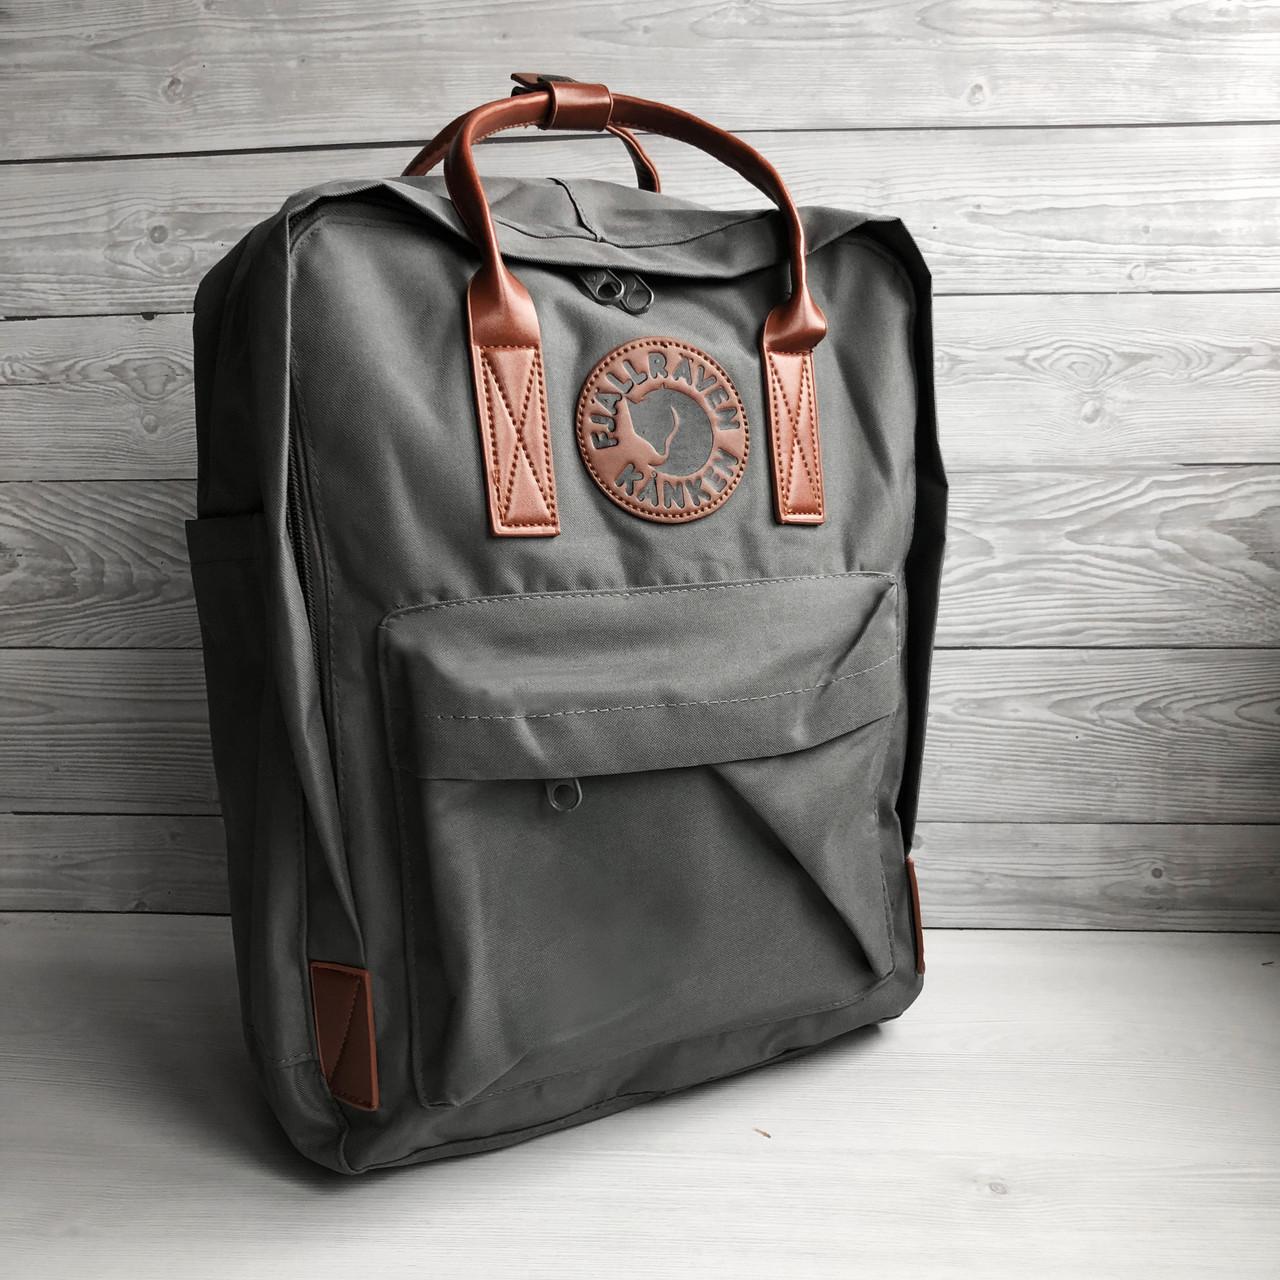 Модный женский рюкзак сумка канкен темно-серый с коричневыми ручками 16 литров Fjallraven Kanken No.2